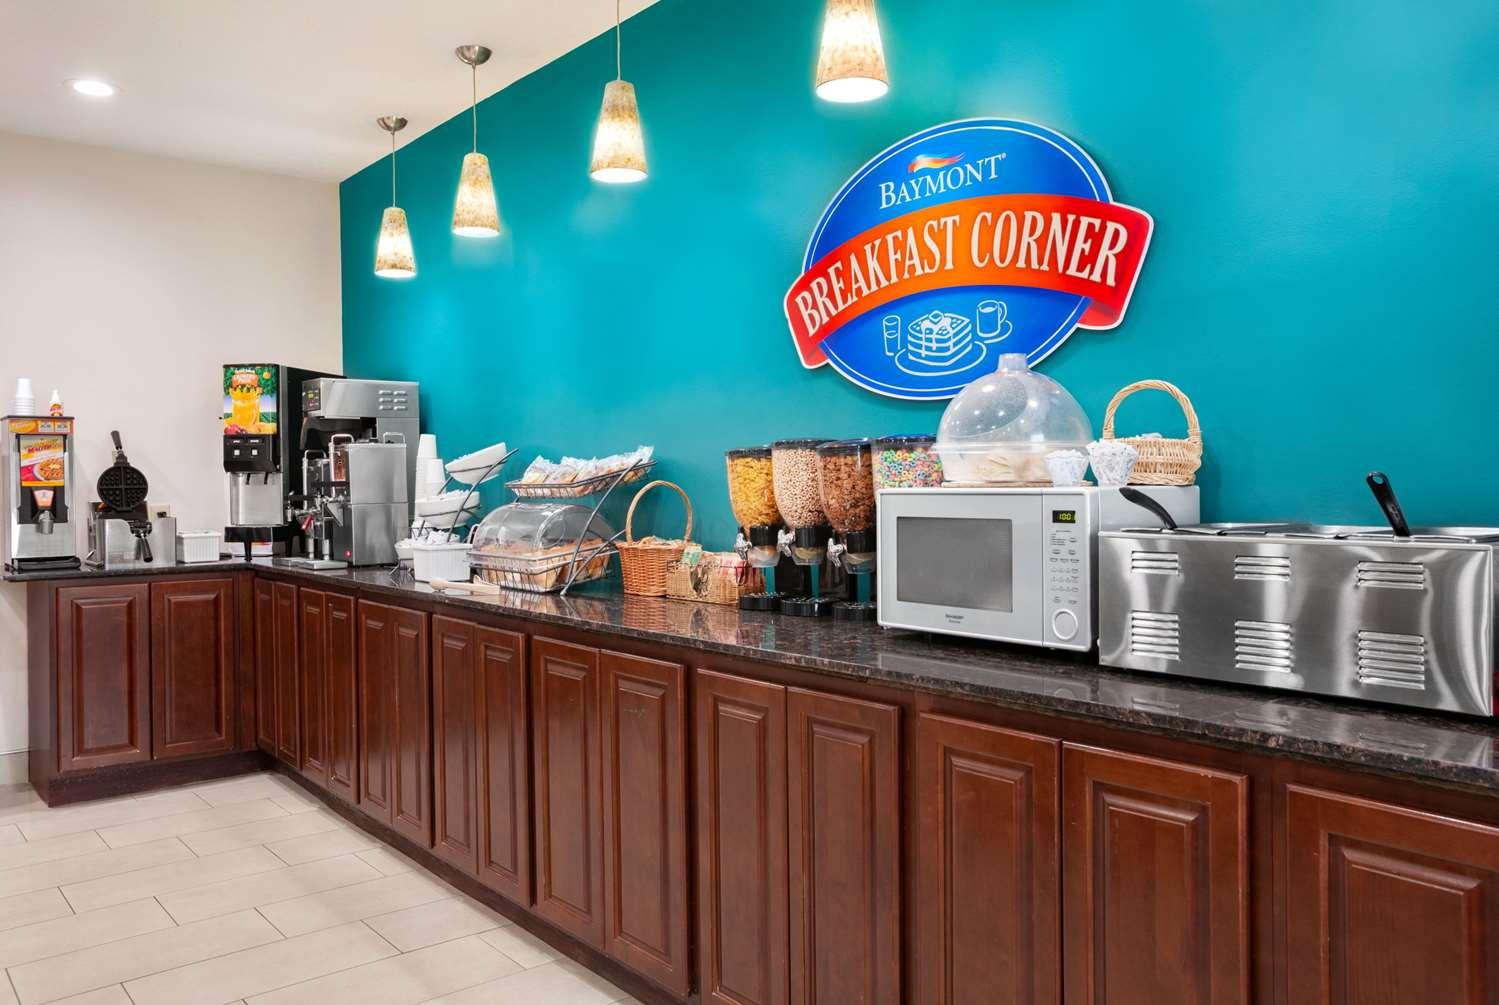 Restaurant - Baymont Inn & Suites East Evansville